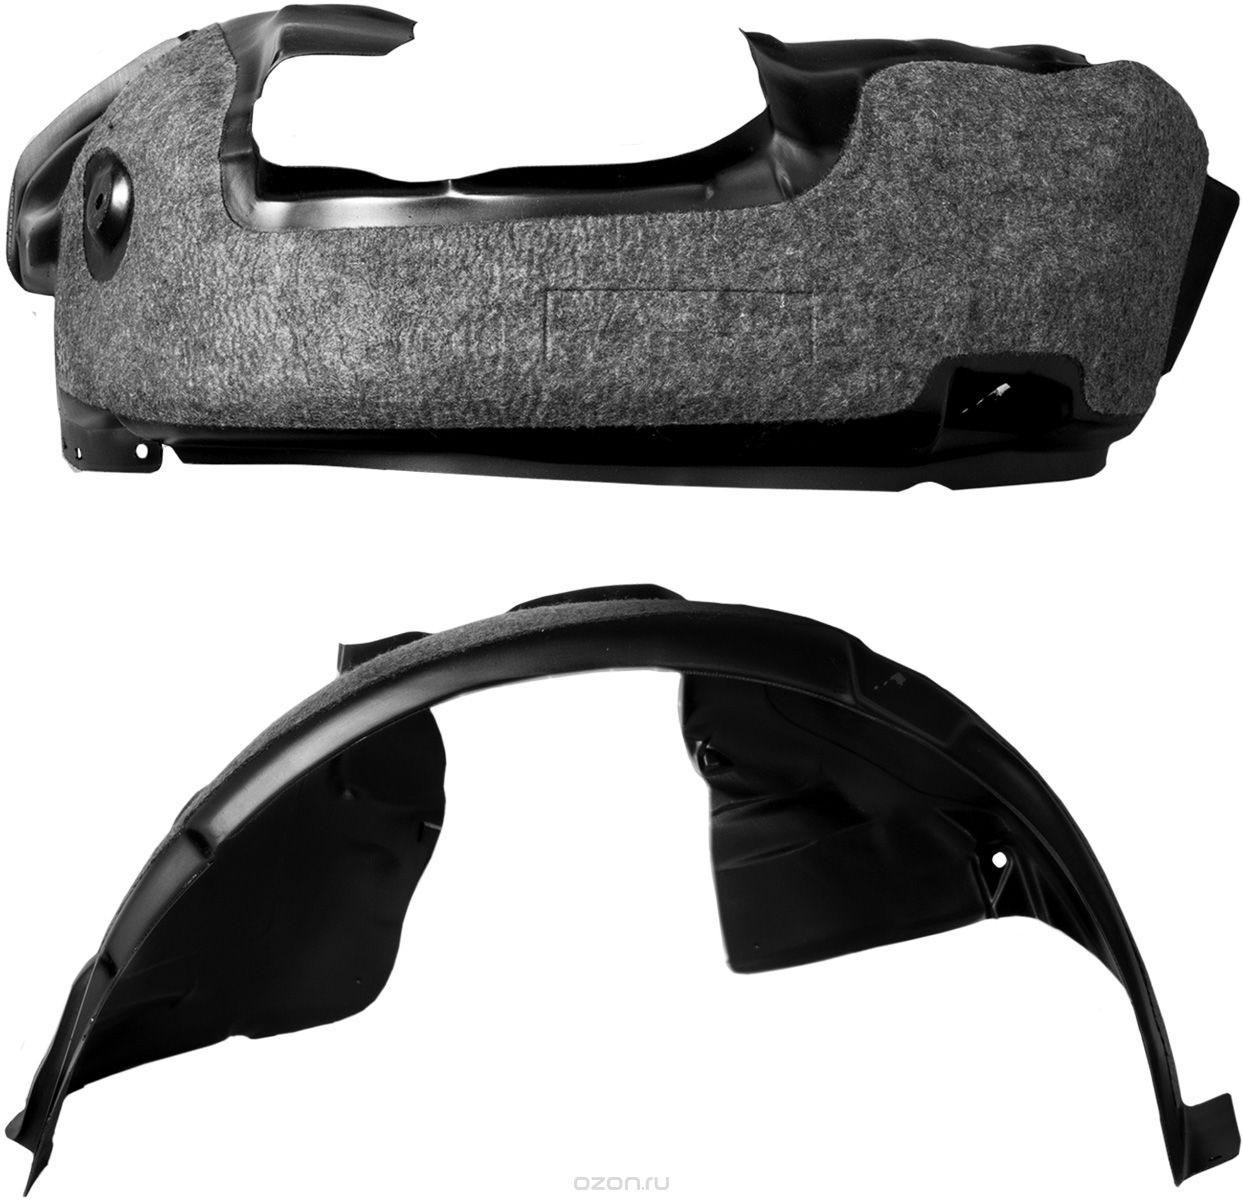 Подкрылок Novline-Autofamily с шумоизоляцией, для Renault Sandero Stepway, 11/2014->, хэтчбек, передний правыйNLS.41.36.002Идеальная защита колесной ниши. Локеры разработаны с применением цифровых технологий, гарантируют максимальную повторяемость поверхности арки. Изделия устанавливаются без нарушения лакокрасочного покрытия автомобиля, каждый подкрылок комплектуется крепежом. Уважаемые клиенты, обращаем ваше внимание, что фотографии на подкрылки универсальные и не отражают реальную форму изделия. При этом само изделие идет точно под размер указанного автомобиля.